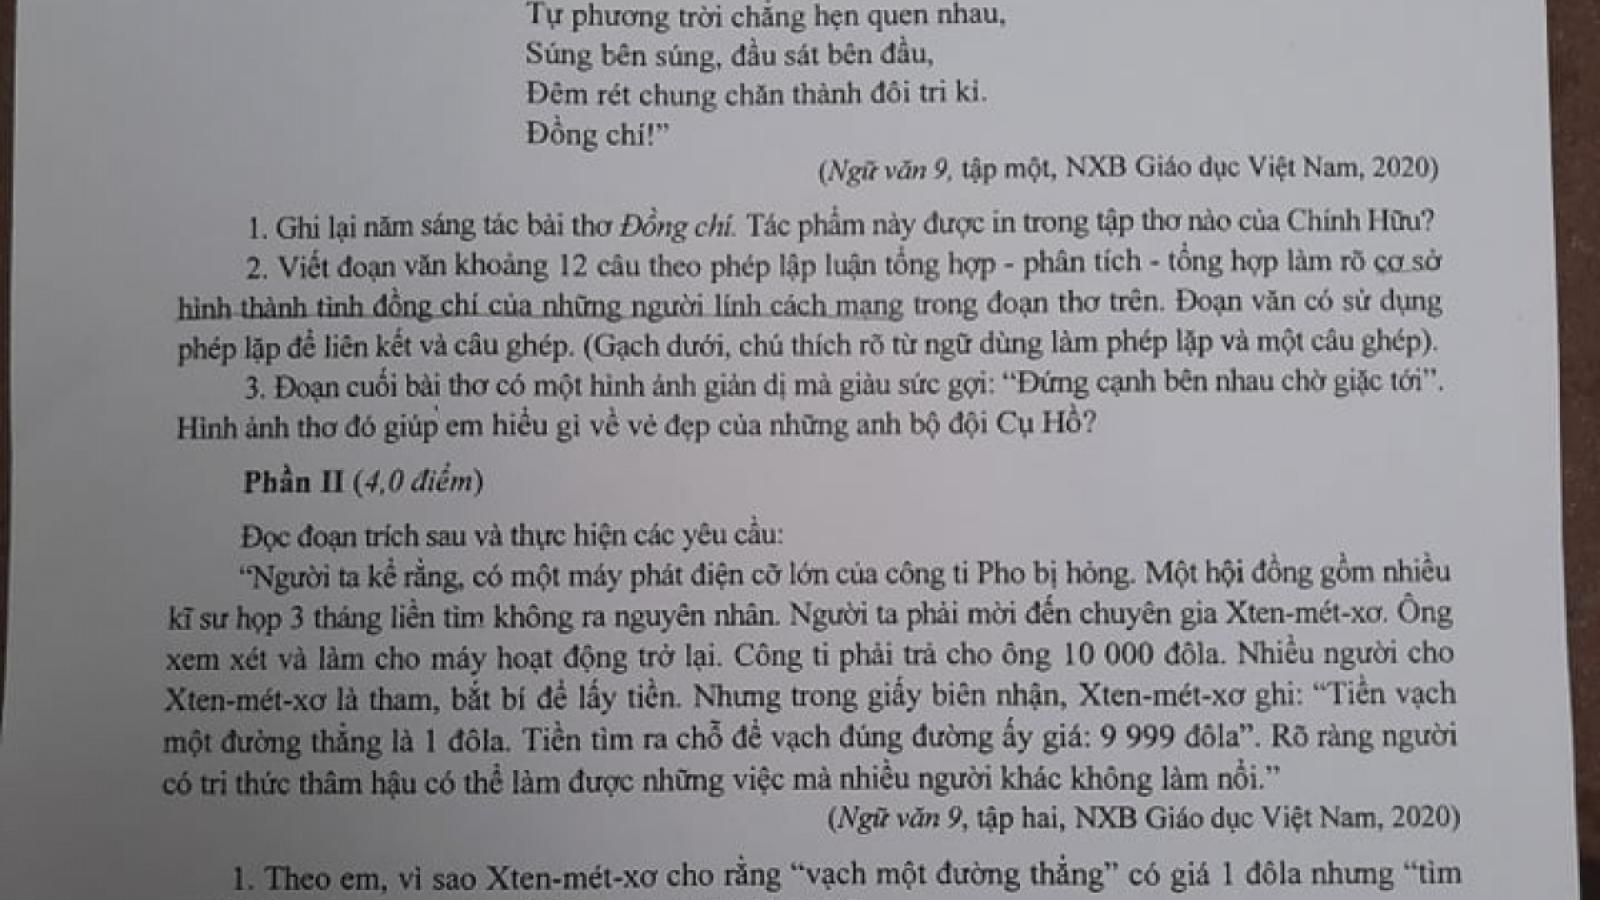 Hướng dẫn giải đề thi Ngữ văn vào lớp 10 tại Hà Nội